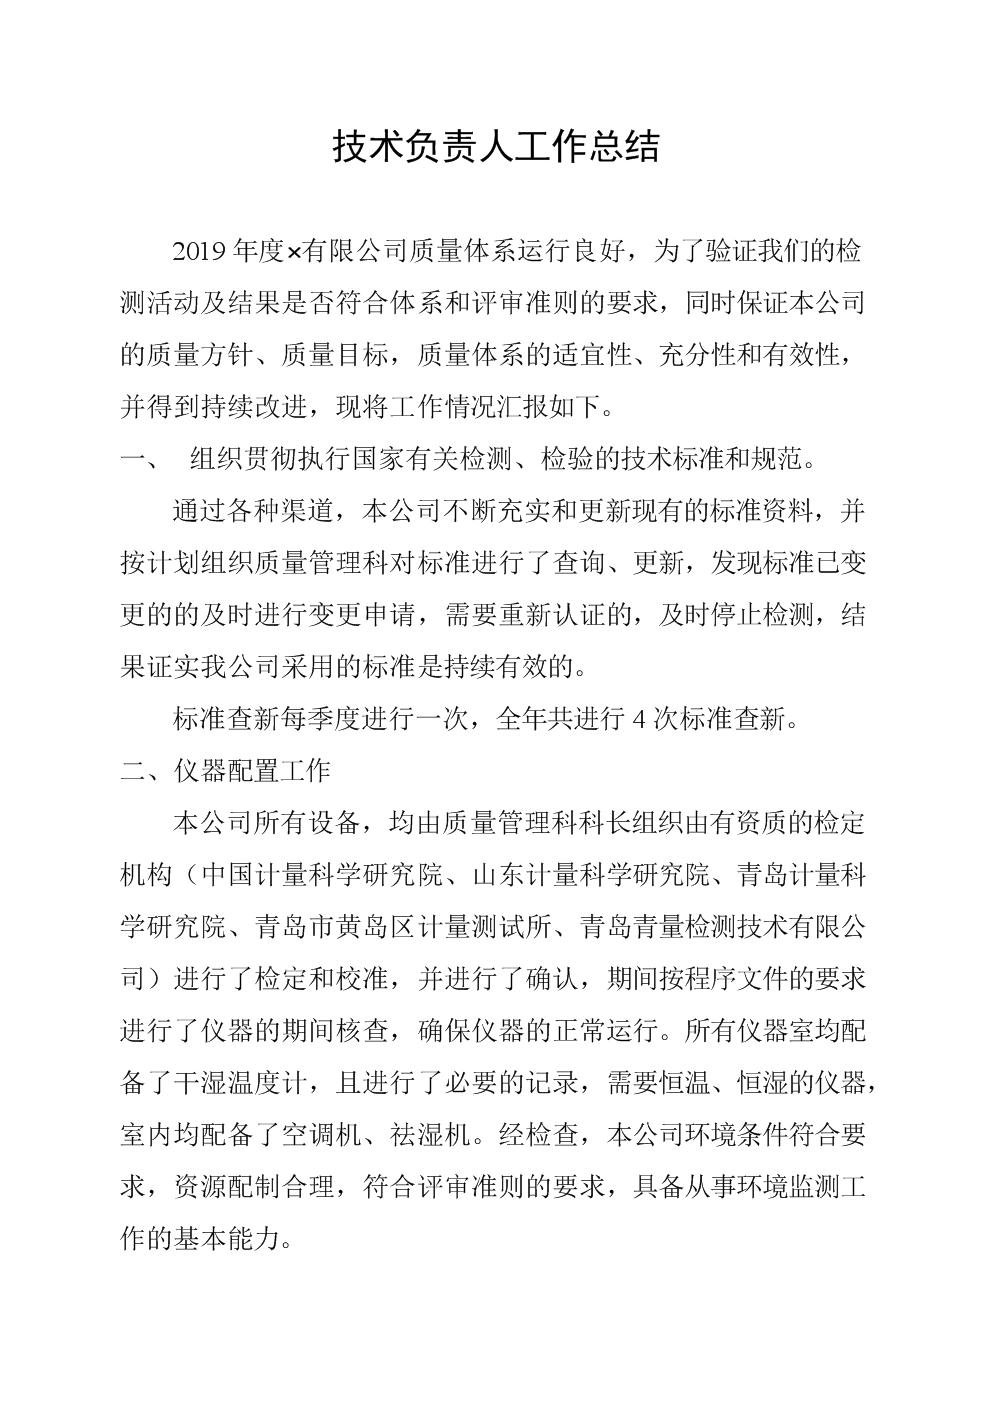 2019技术负责人工作总结.doc